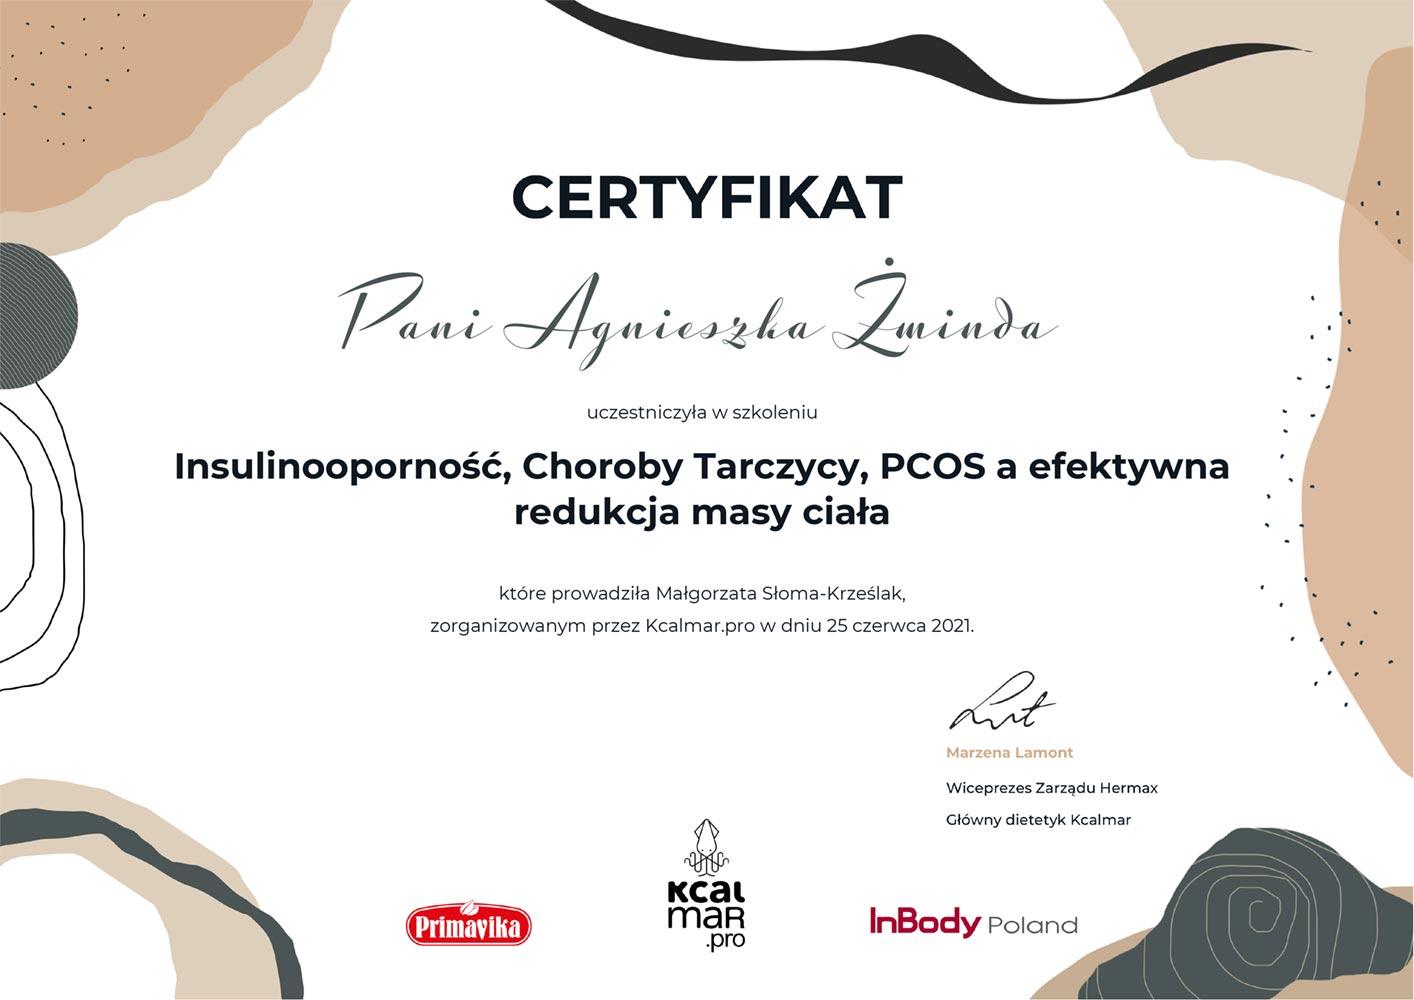 certyfikat tarczyca pcos